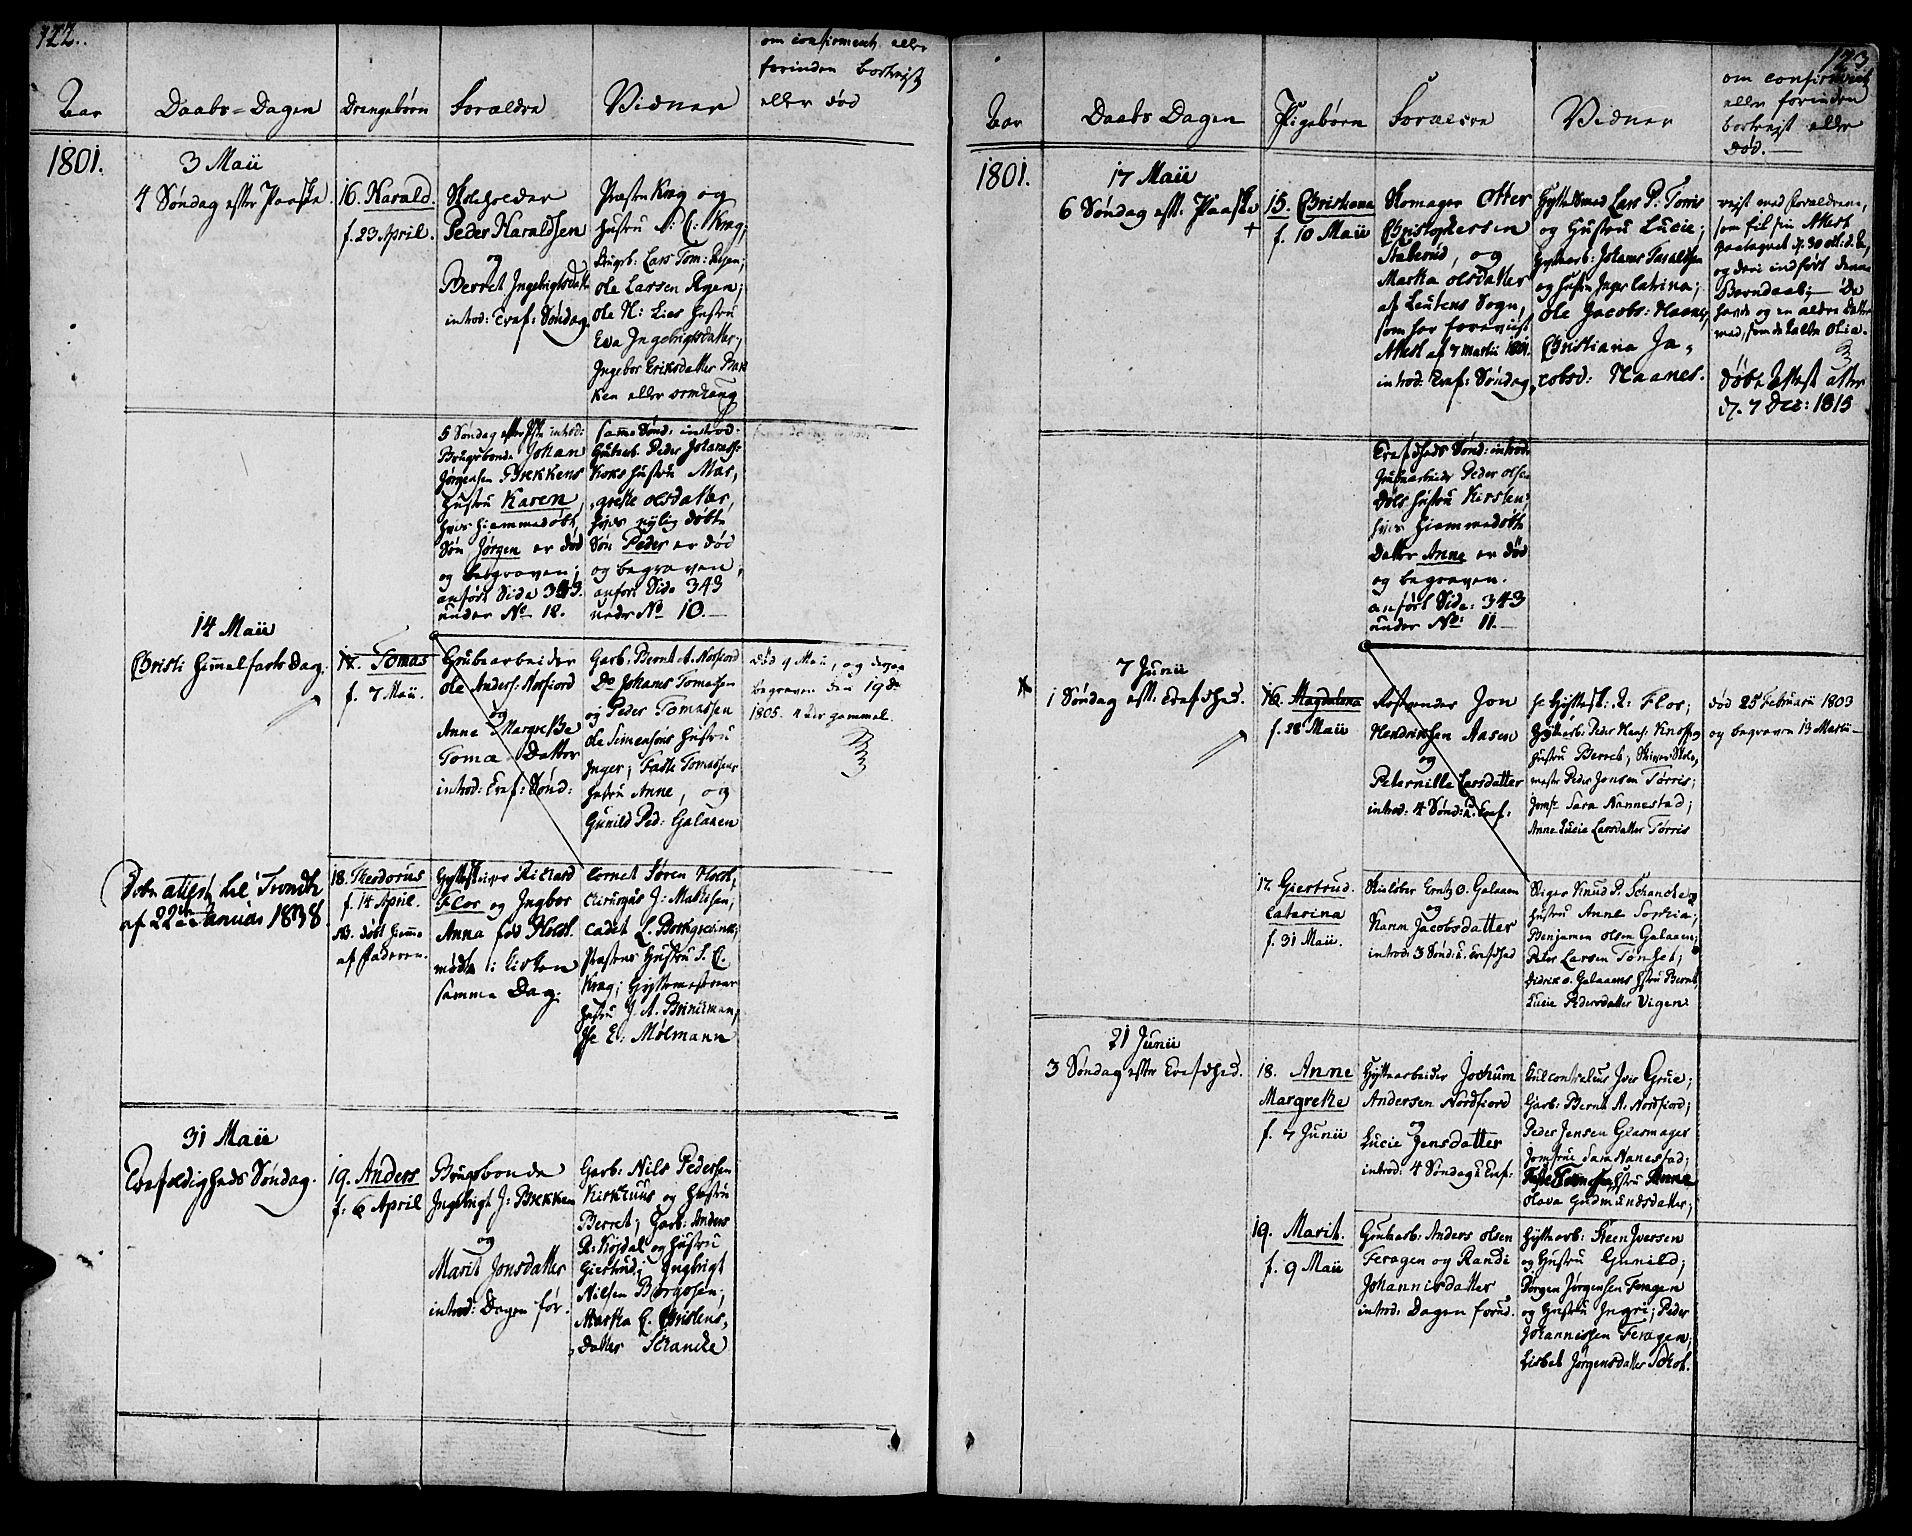 SAT, Ministerialprotokoller, klokkerbøker og fødselsregistre - Sør-Trøndelag, 681/L0927: Ministerialbok nr. 681A05, 1798-1808, s. 122-123